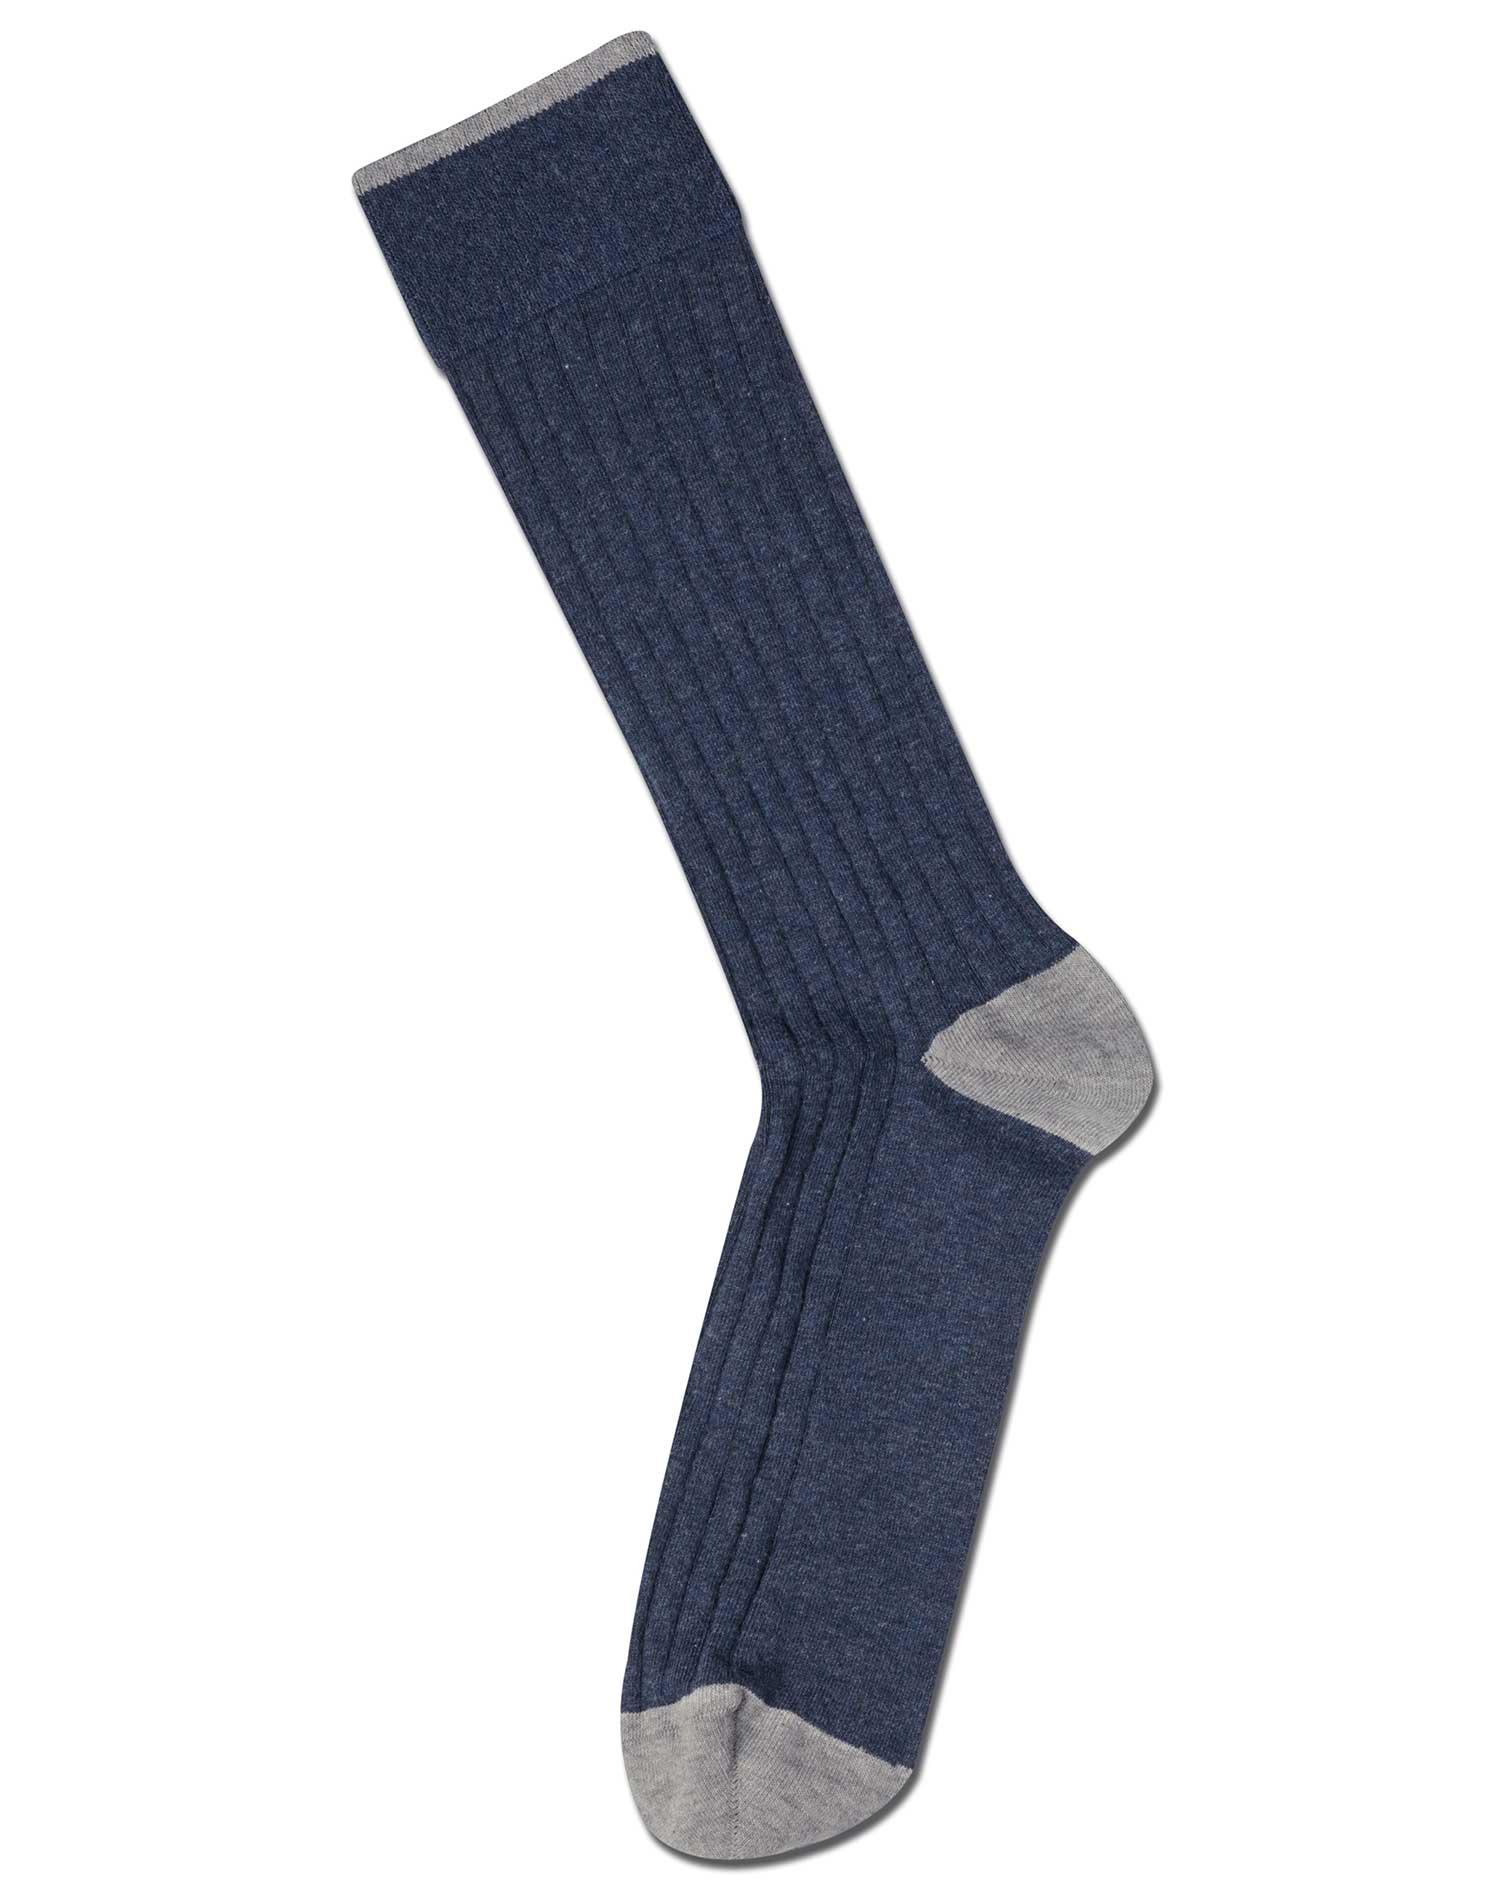 Indigo Blue Cotton Rib Socks Size Medium by Charles Tyrwhitt